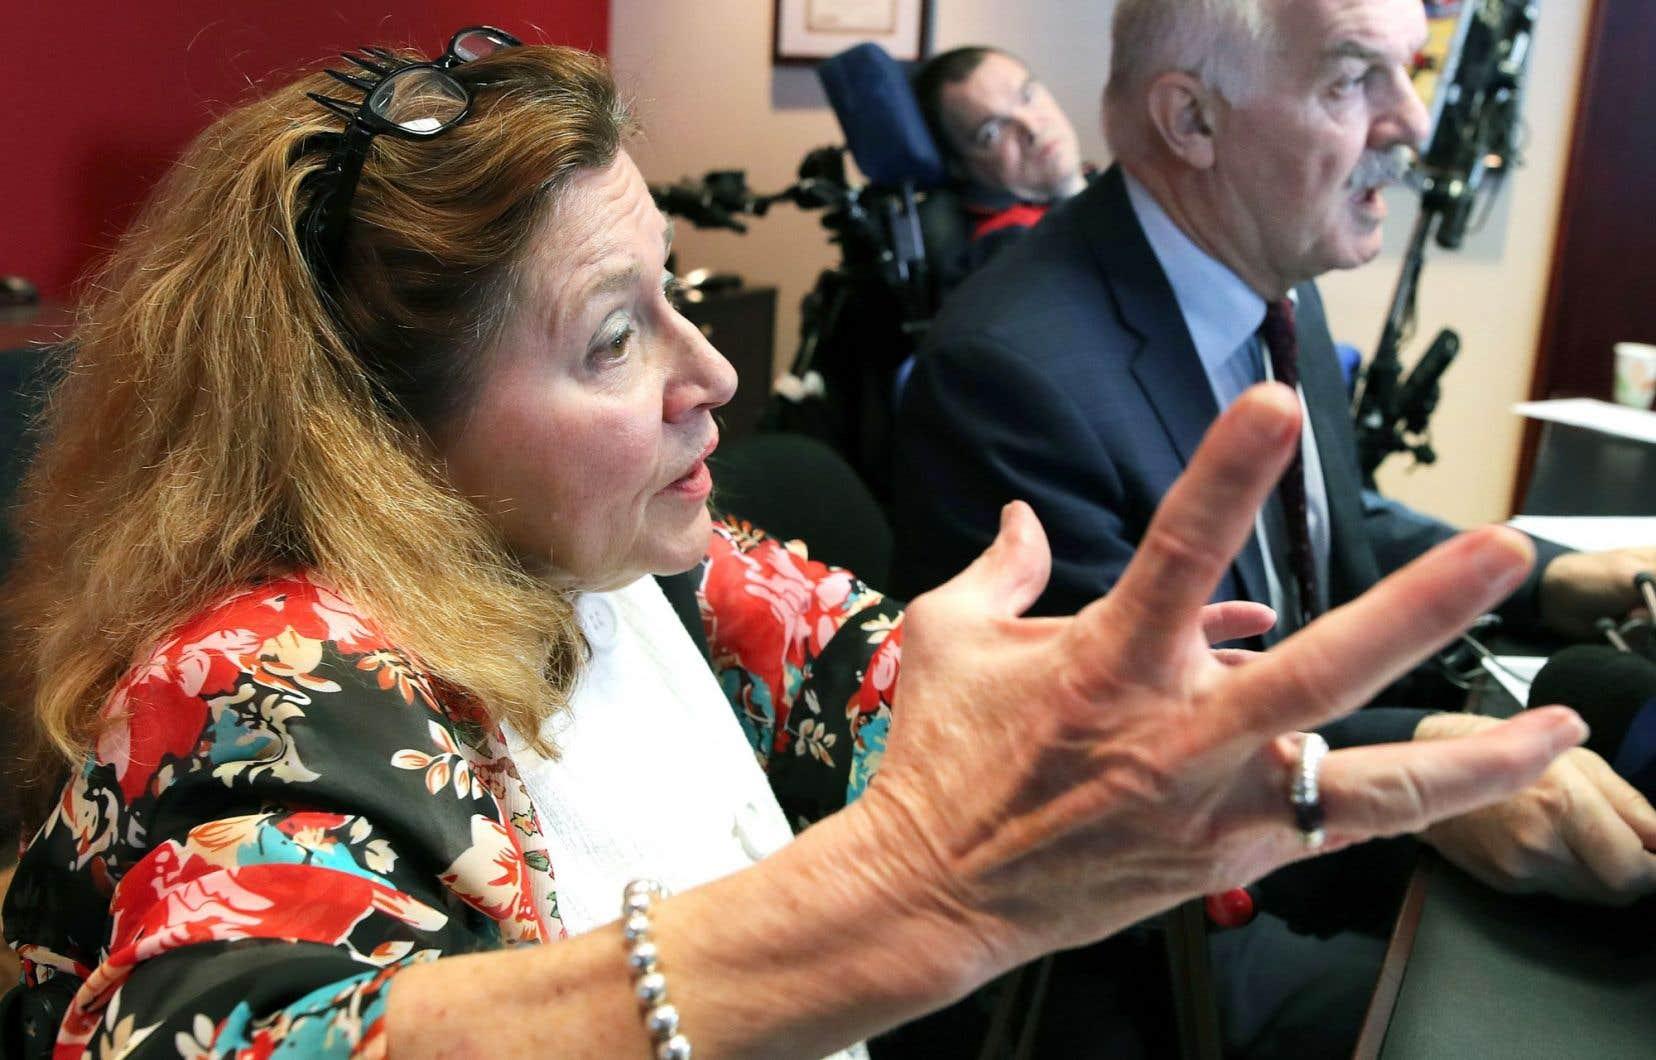 Nicole Gladu et Jean Trucho, accompagnés dans leur démarche par l'avocat Jean-PierreMénard, ont inscrit un recours devant la Cour supérieure pour élargir l'aide médicale à mourir.